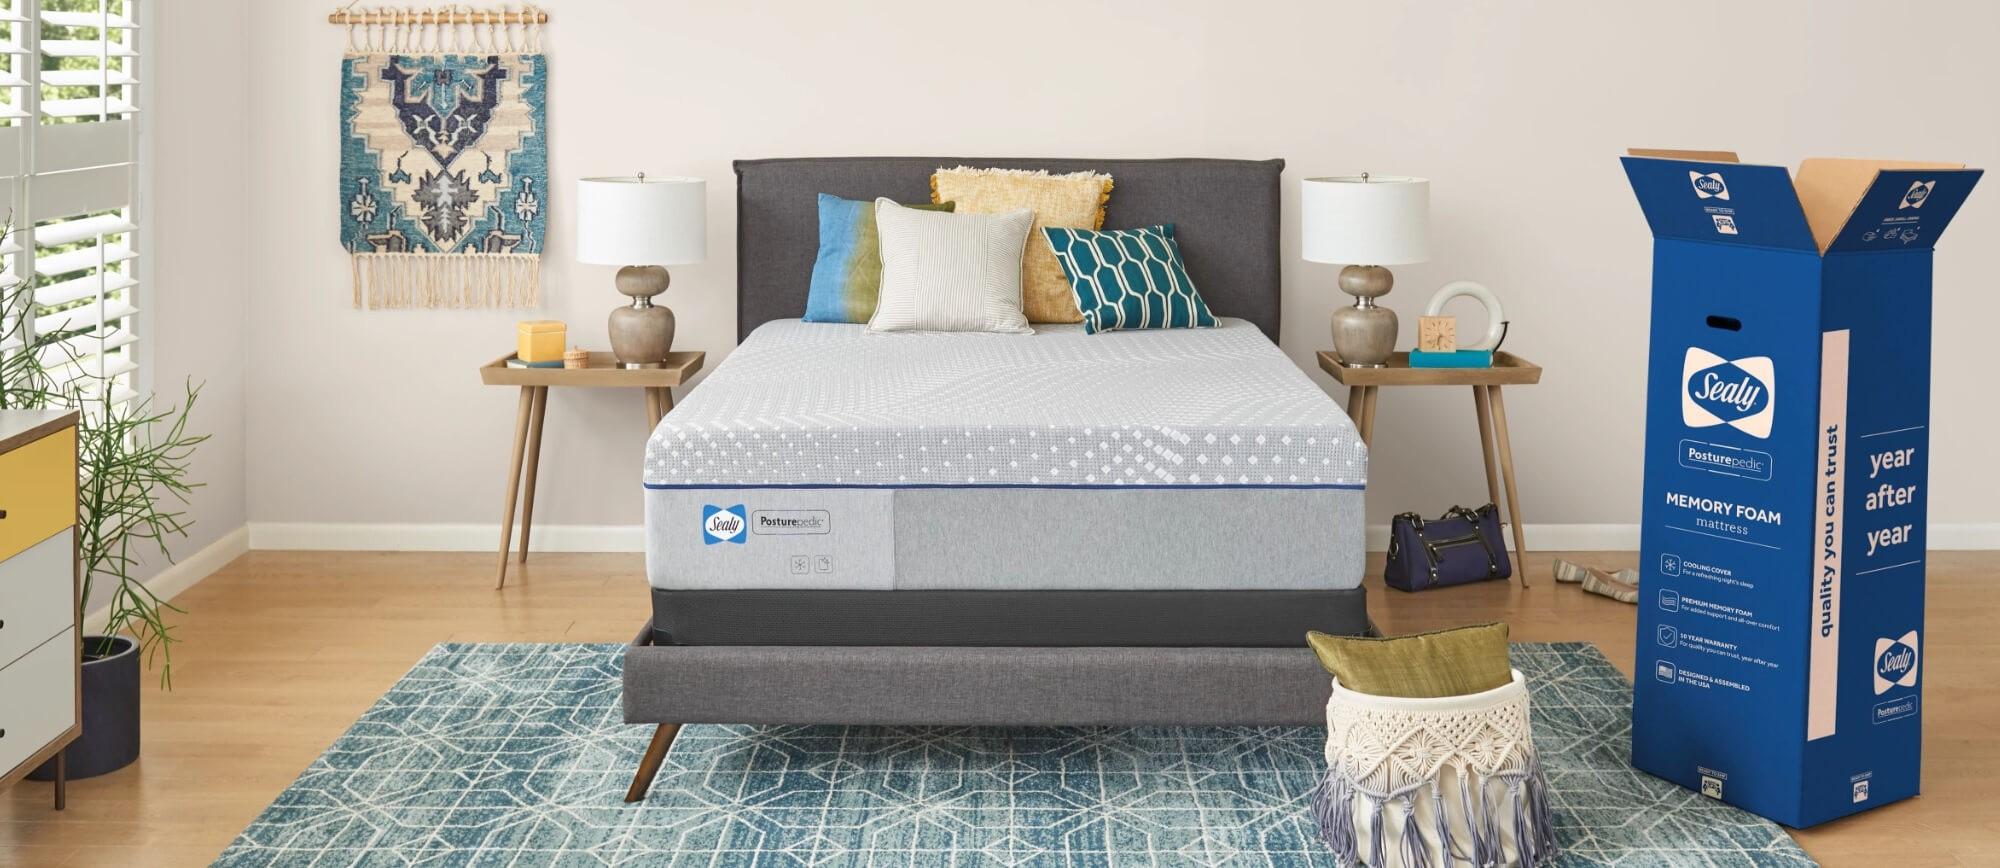 posturepedic foam mattress